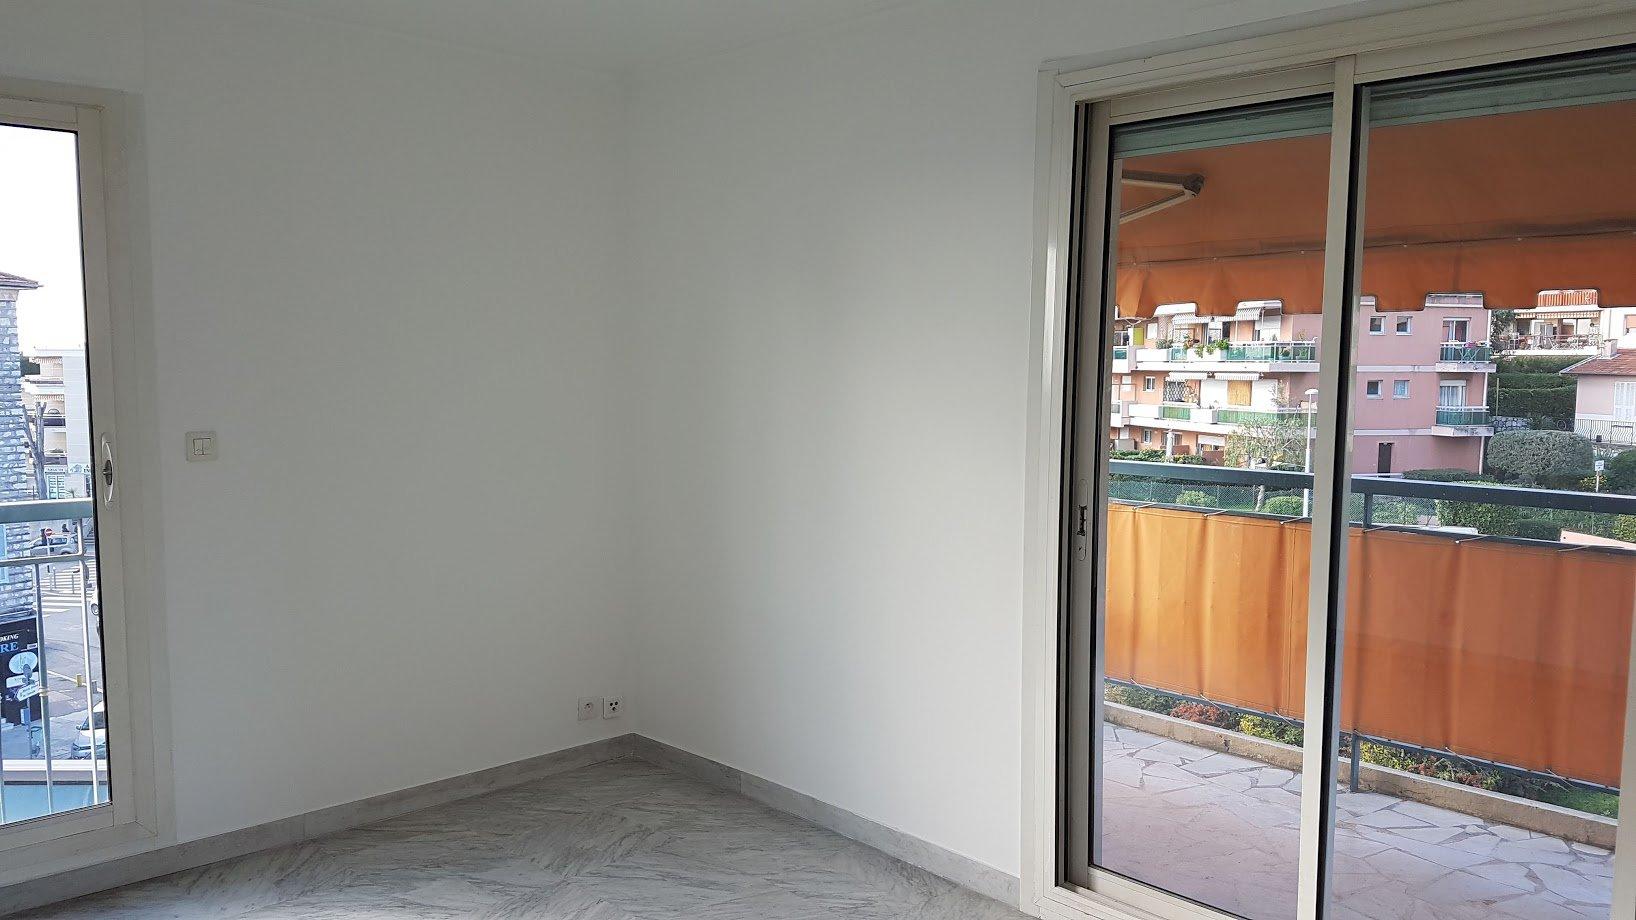 NICE OUEST Vente 3/4 pièces 78m² - Terrasse